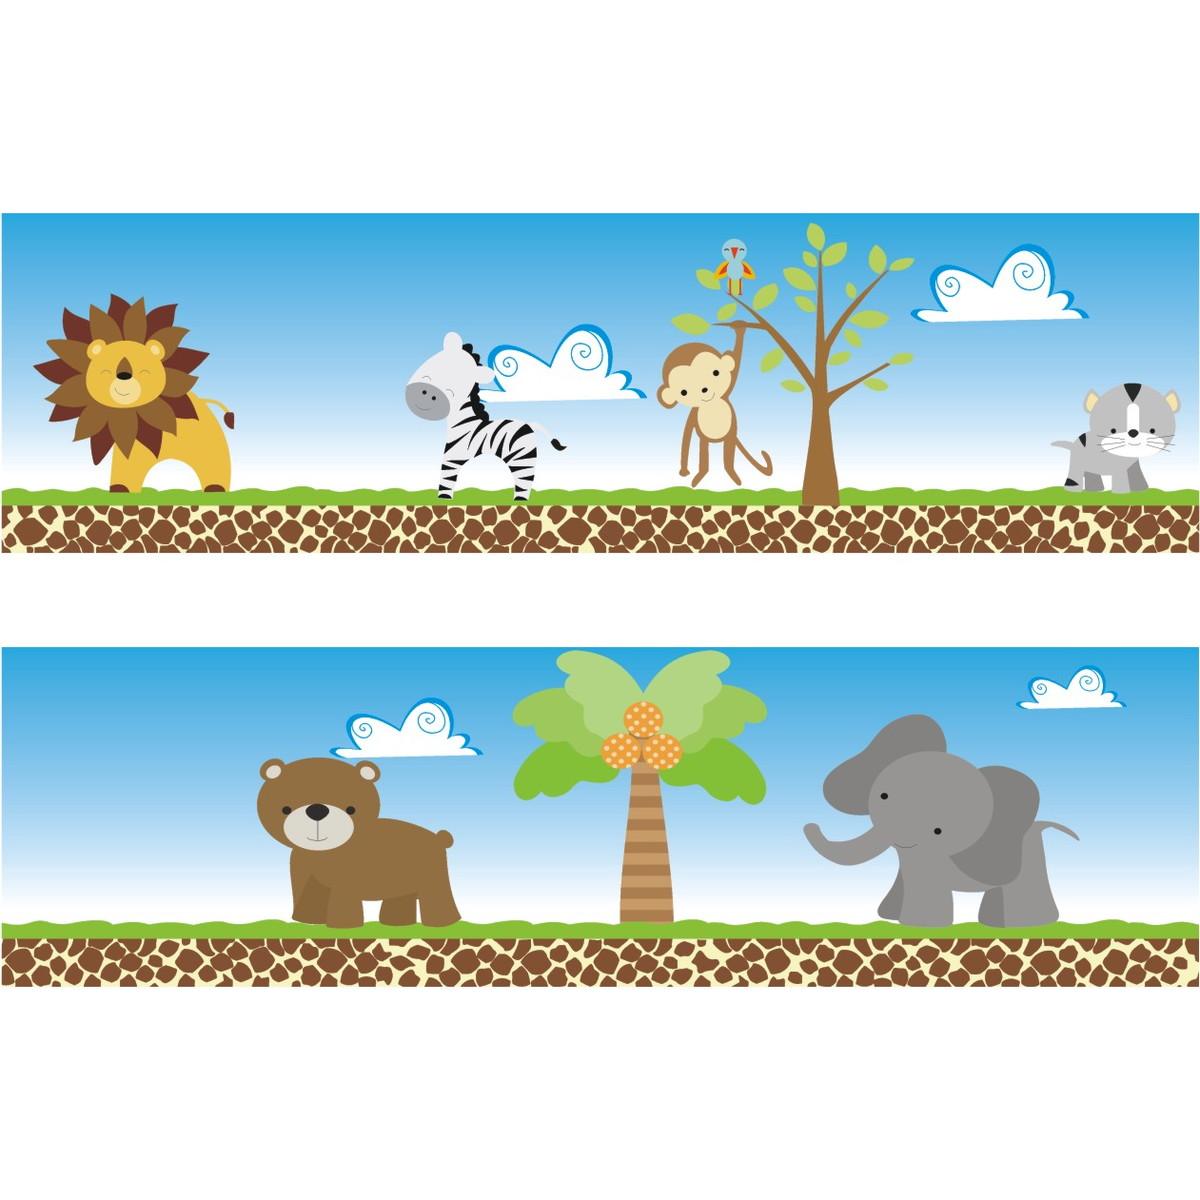 Adesivo Faixa Border Kit Zoo Safari M13 Quartinhodecorado Elo7 ~ Paredes De Gesso Para Quarto E Quarto De Bebe Floresta